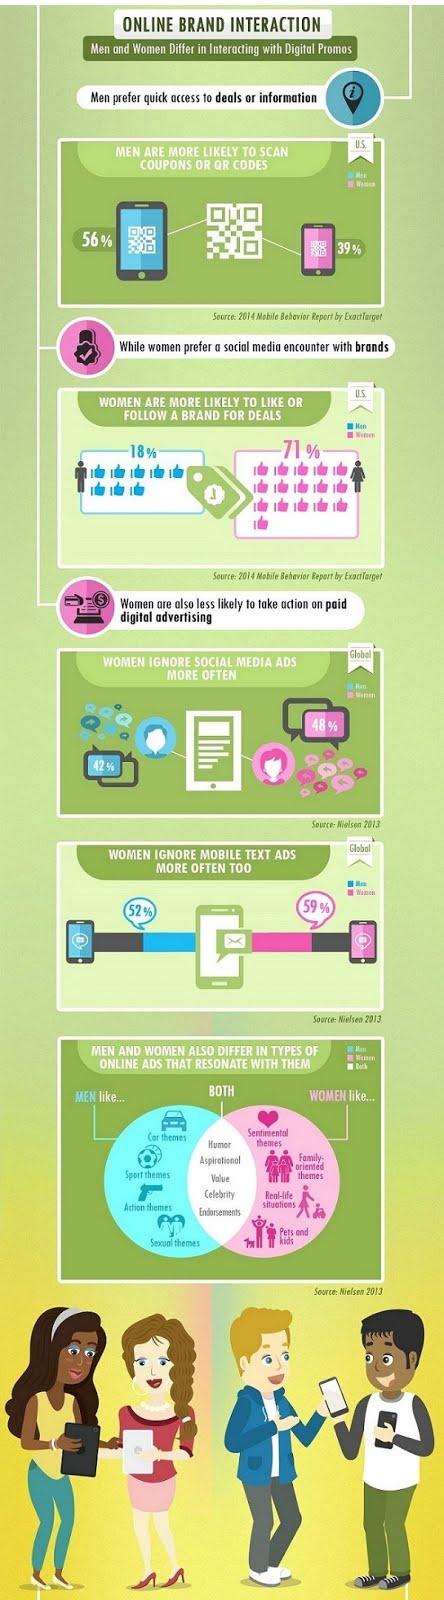 Онлайн-взаимодействие с брендом